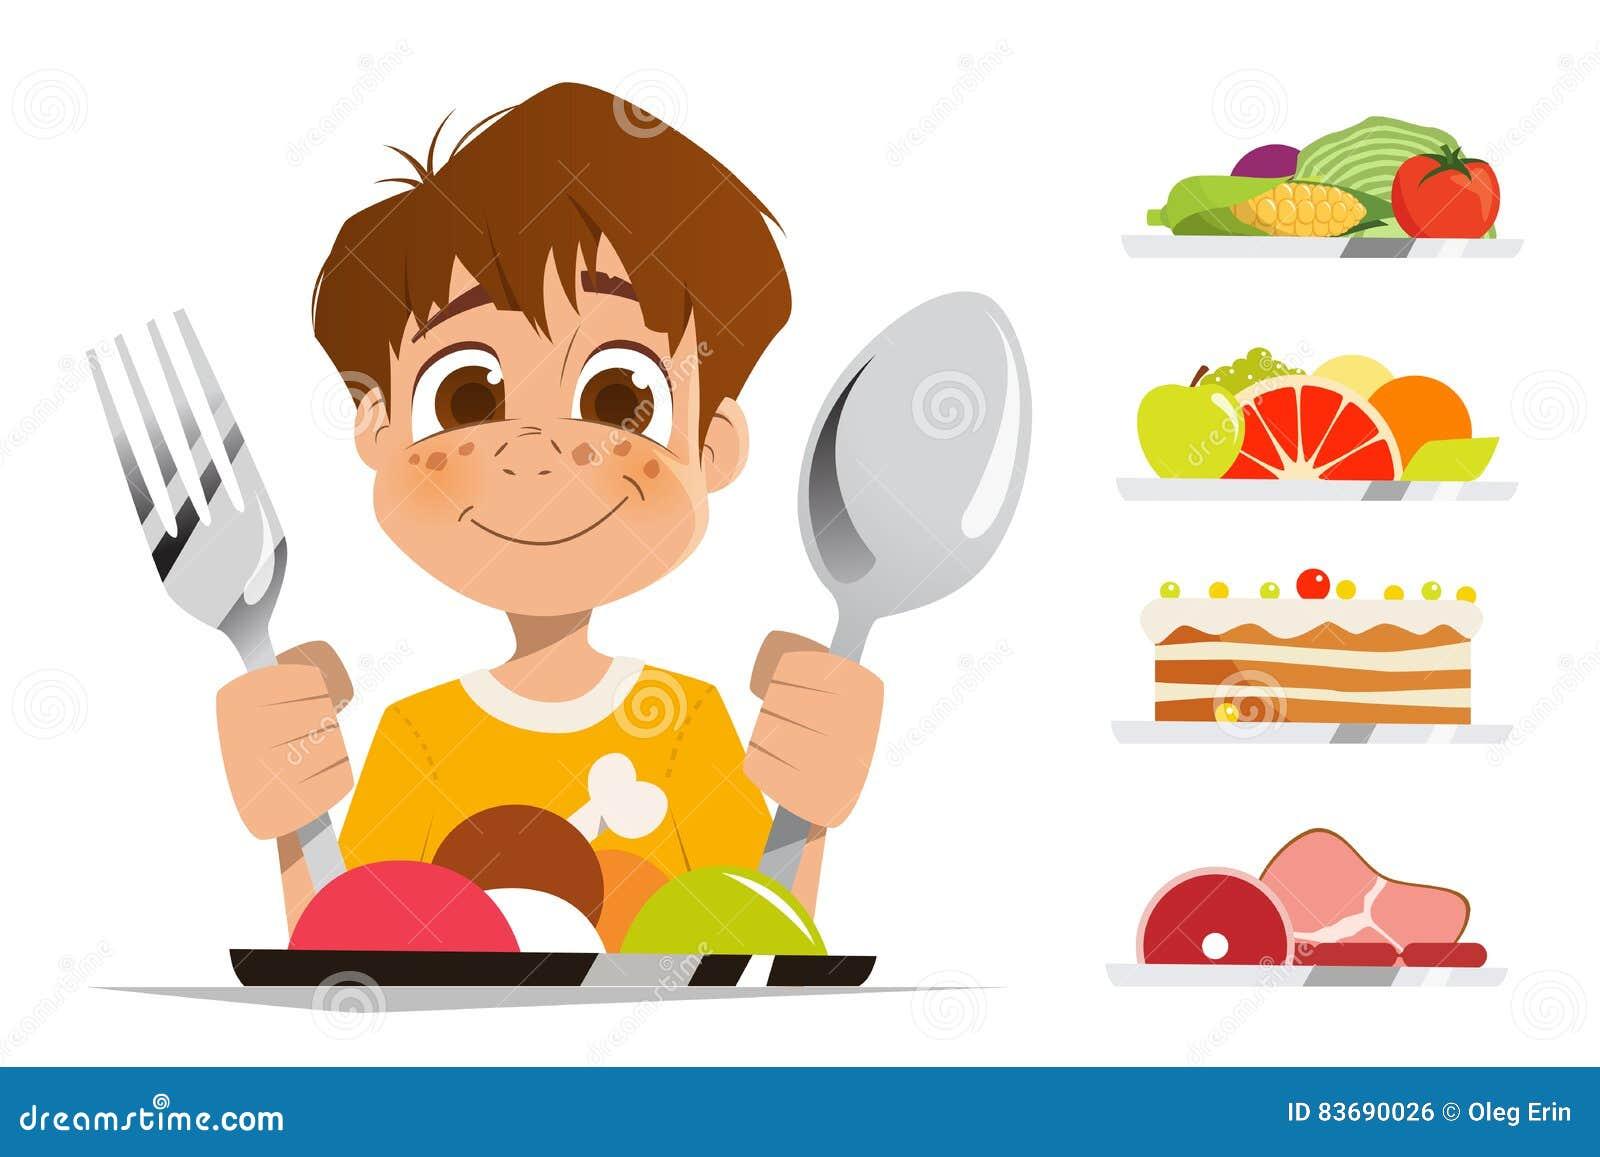 Happy Kid Eating Gif